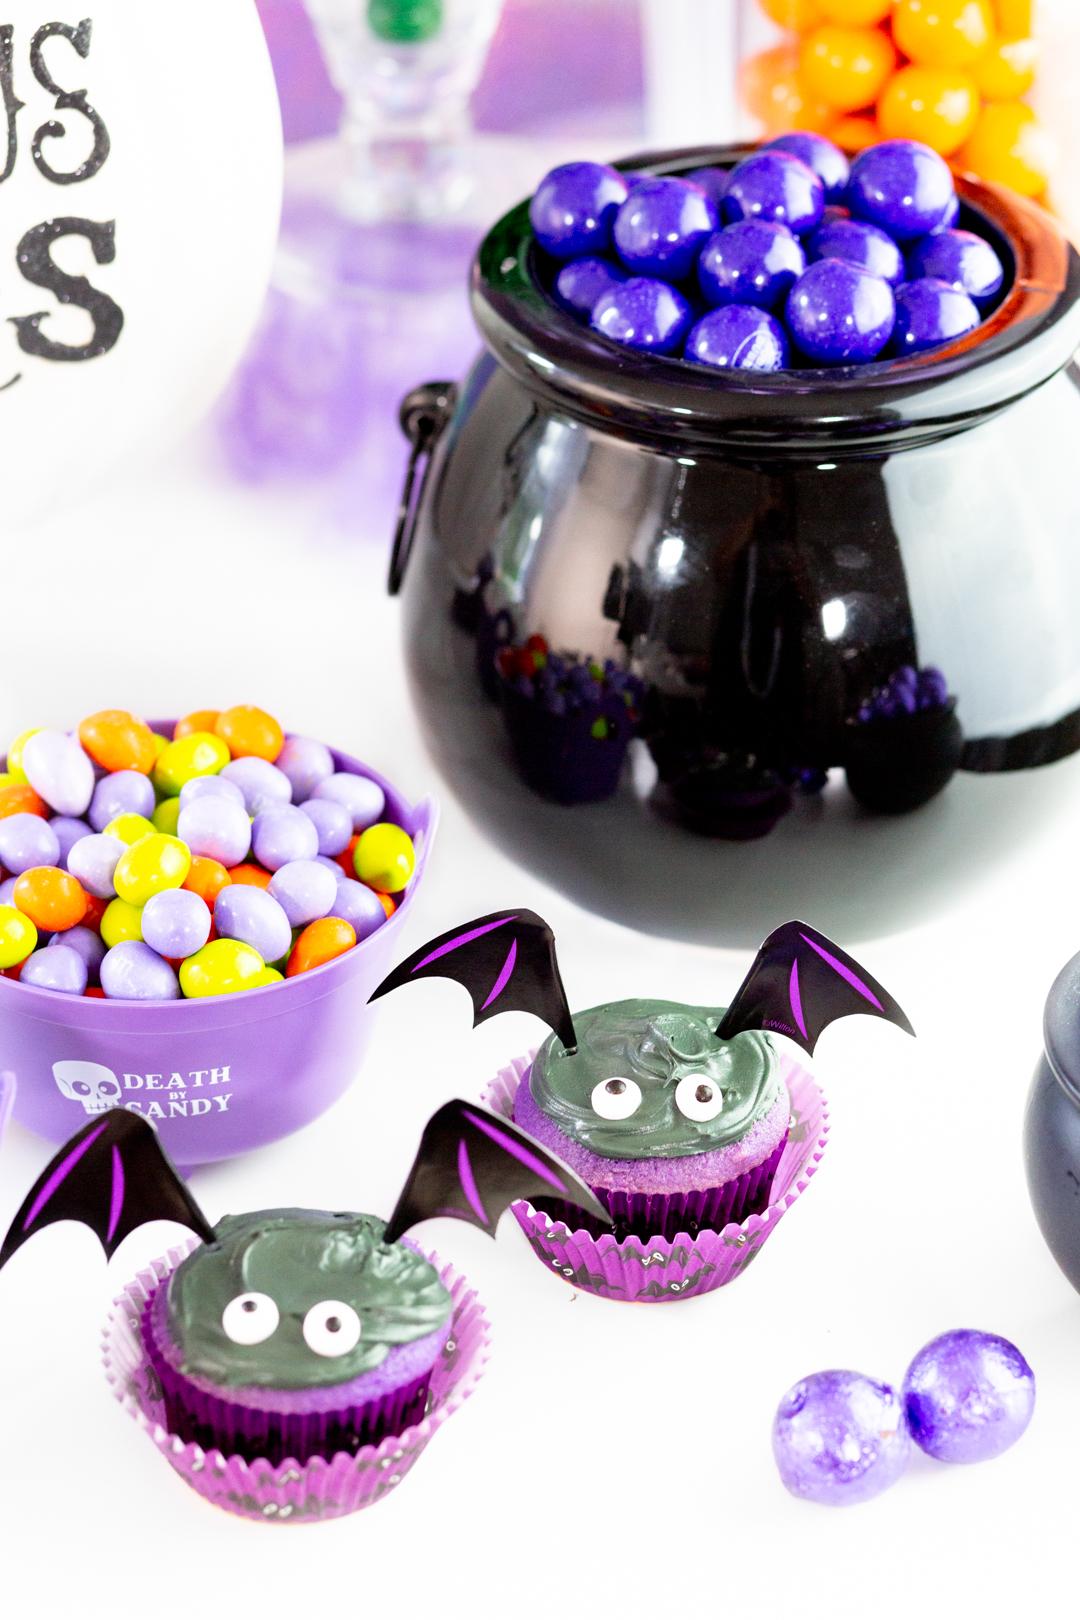 bat cupcakes using wilton's baking kit